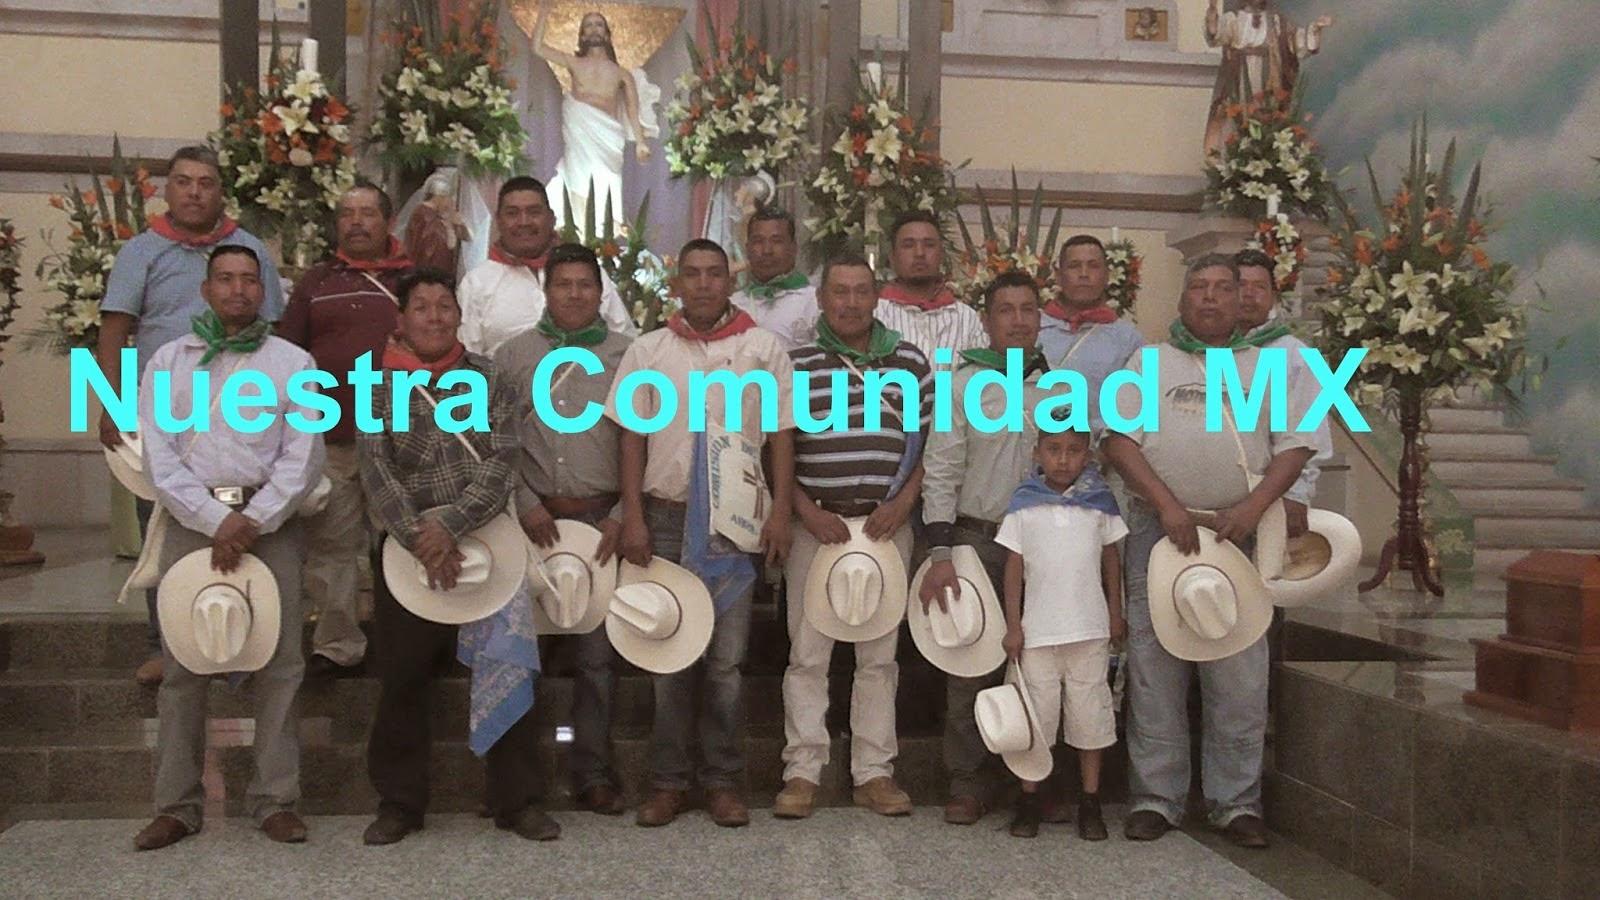 Fiesta Tradicional de La Octava 2014